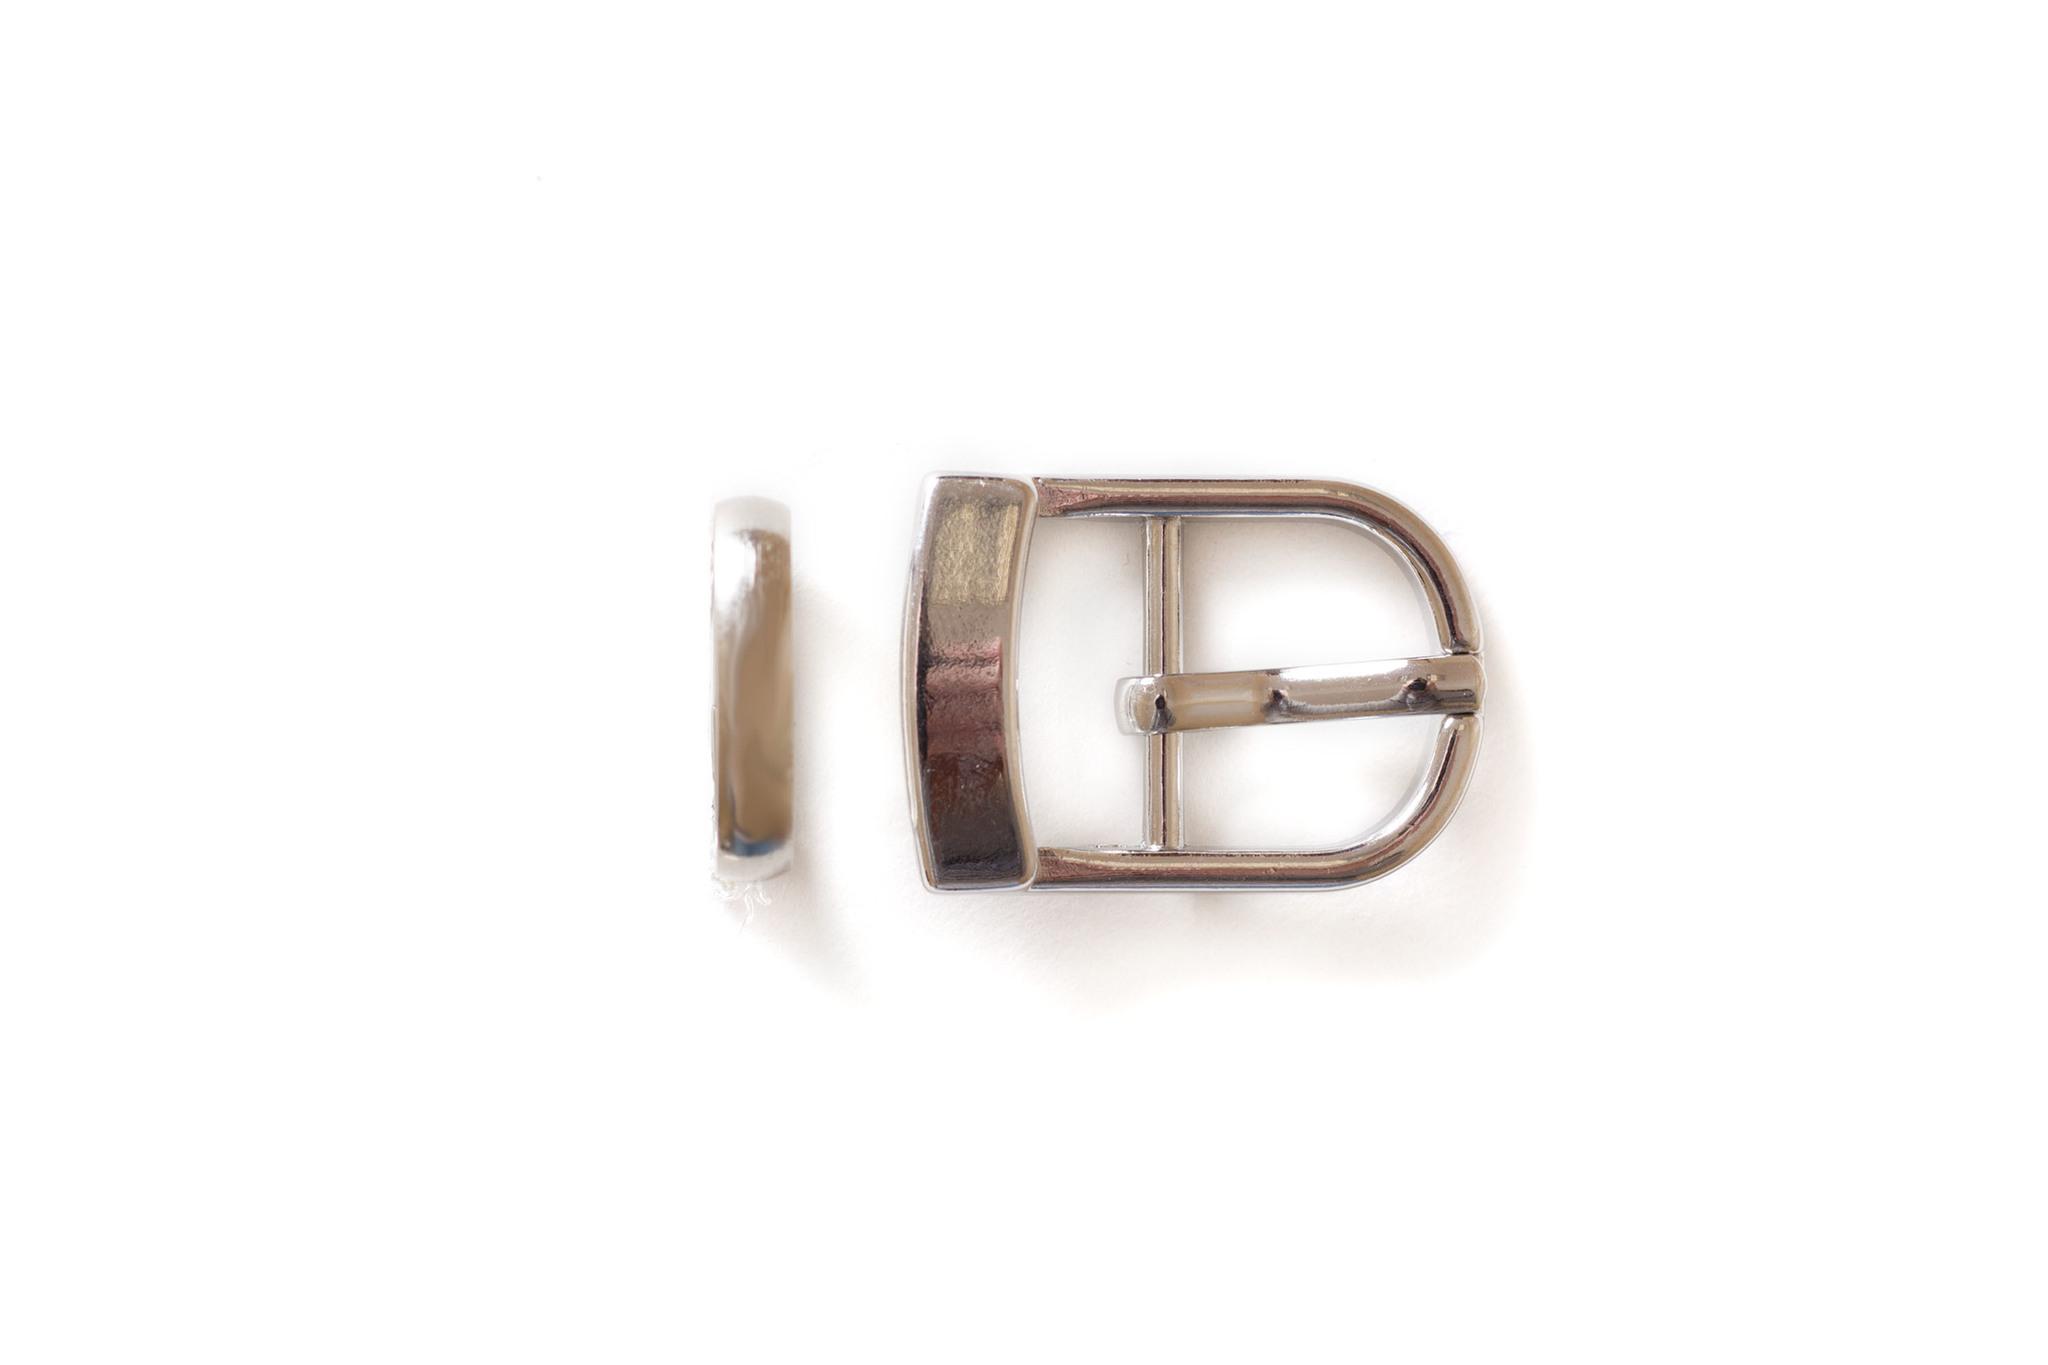 Пряжка со шлевкой 15 мм, никель